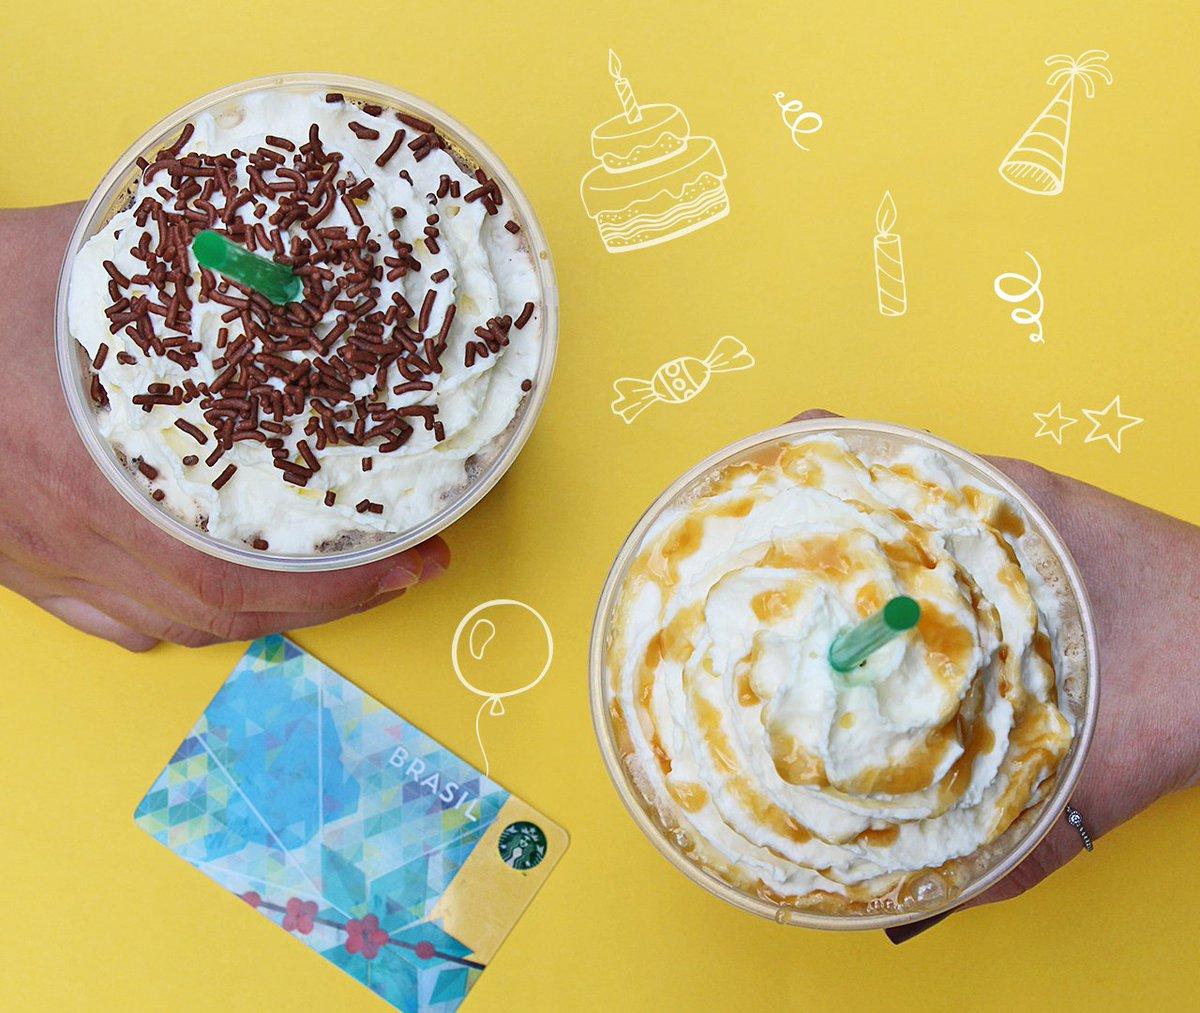 Hoje é aniversário do Frappuccino! Membros do My Starbucks Rewards compram um Frappuccino e  ganham o segundo!